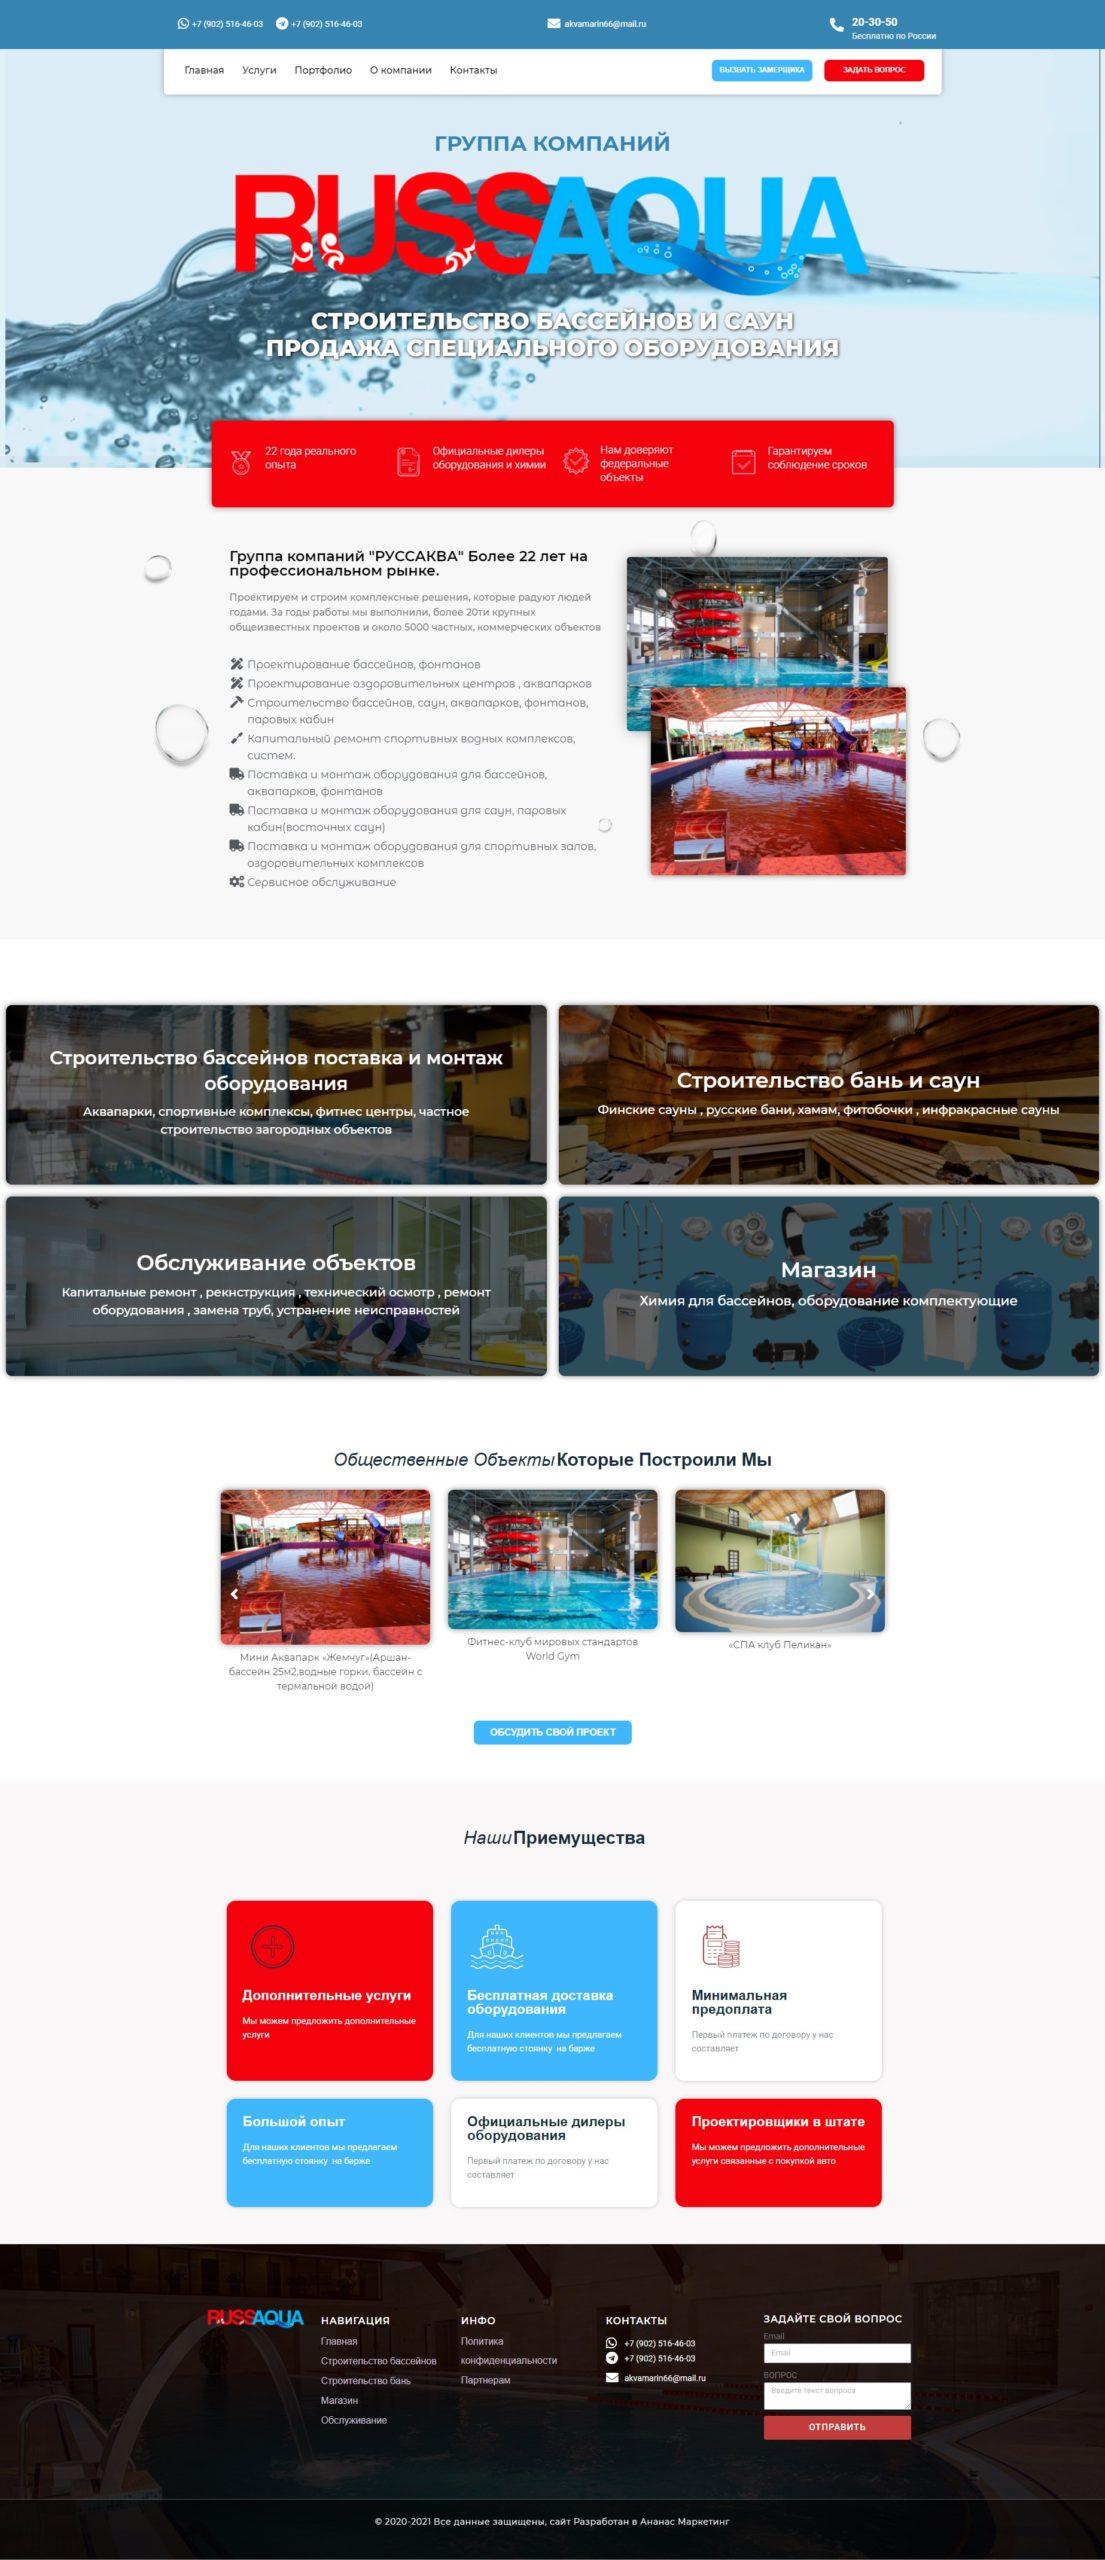 Готовый сайт Строительство бассейнов и саун в Иркутске, поставка оборудования_ - russakva.ru